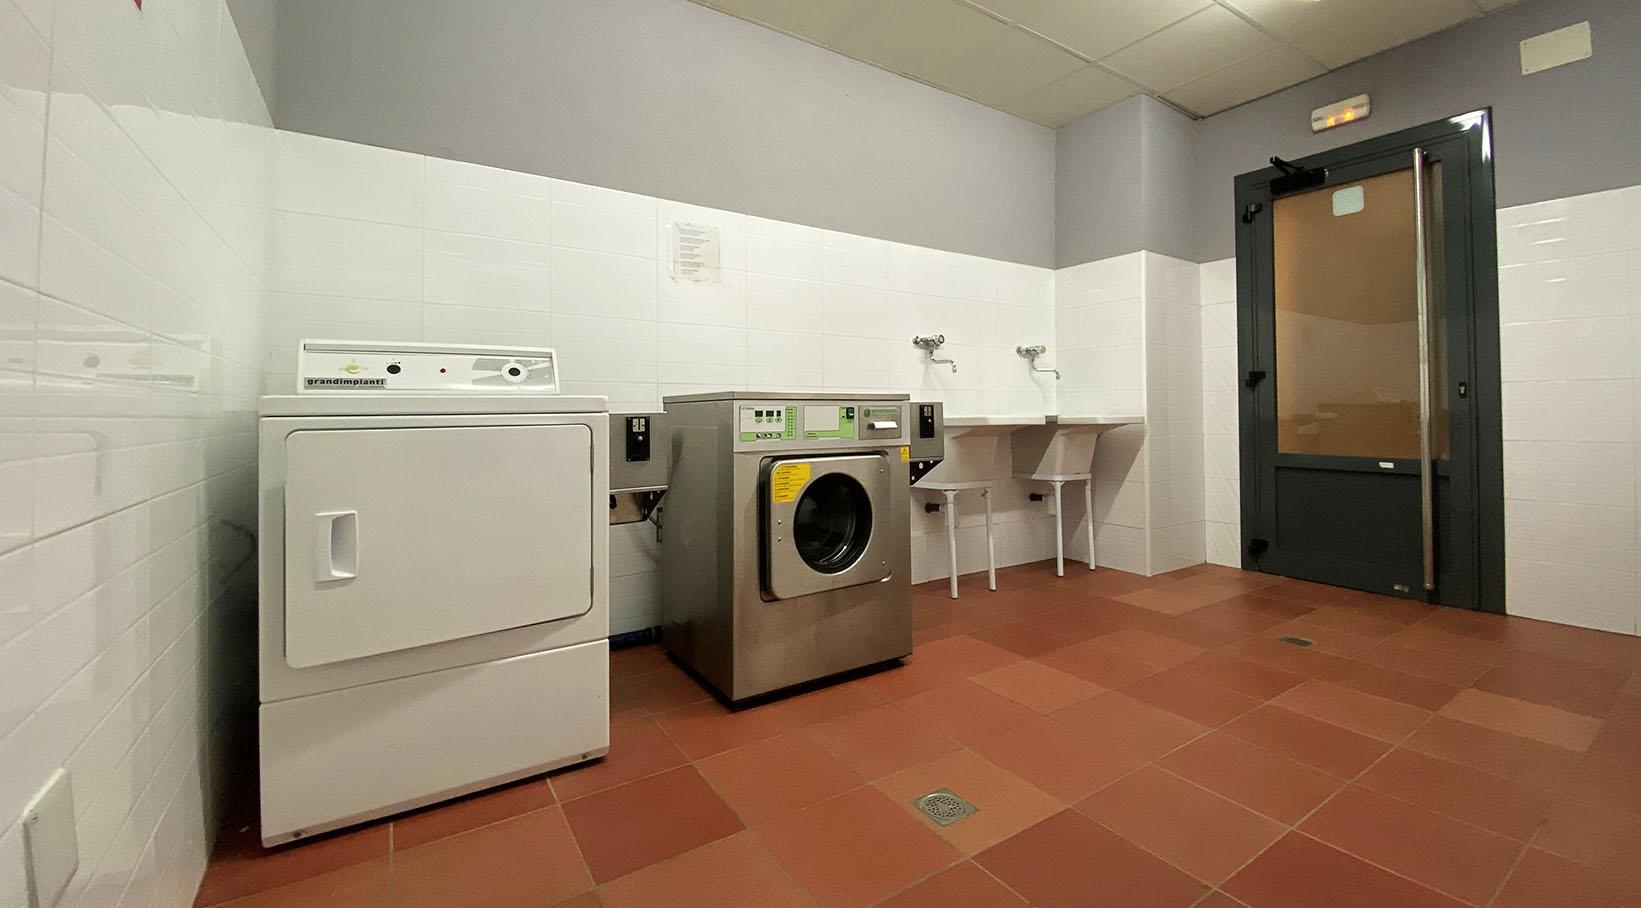 Waschmaschine, Trockner und Wäsche.